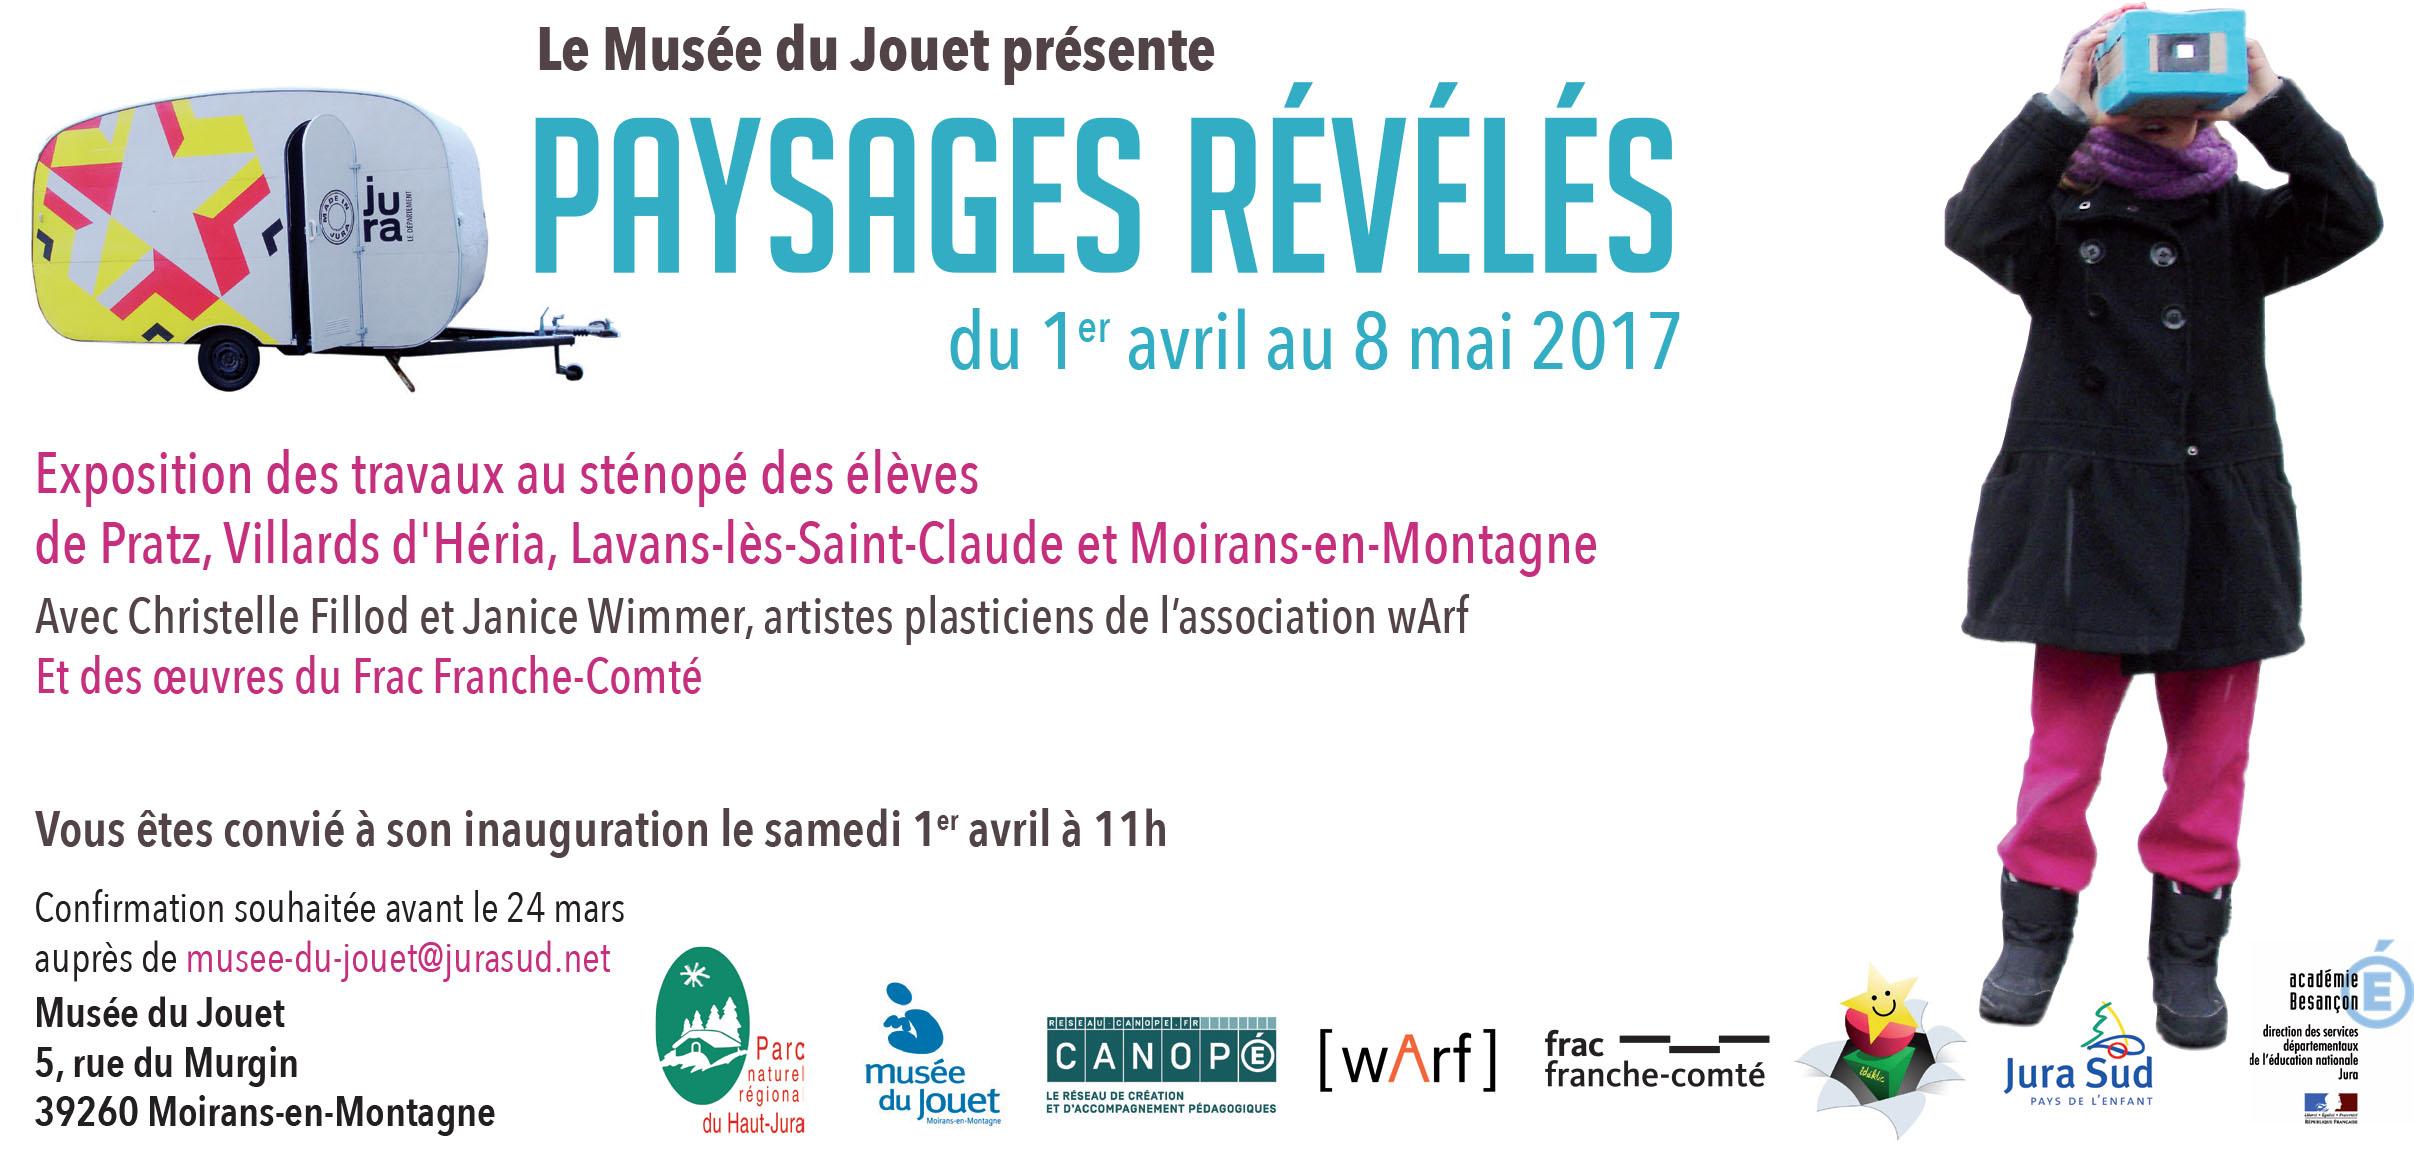 Musée du Jouet – Paysages révélés – du 1er avril au 8 mai 2017